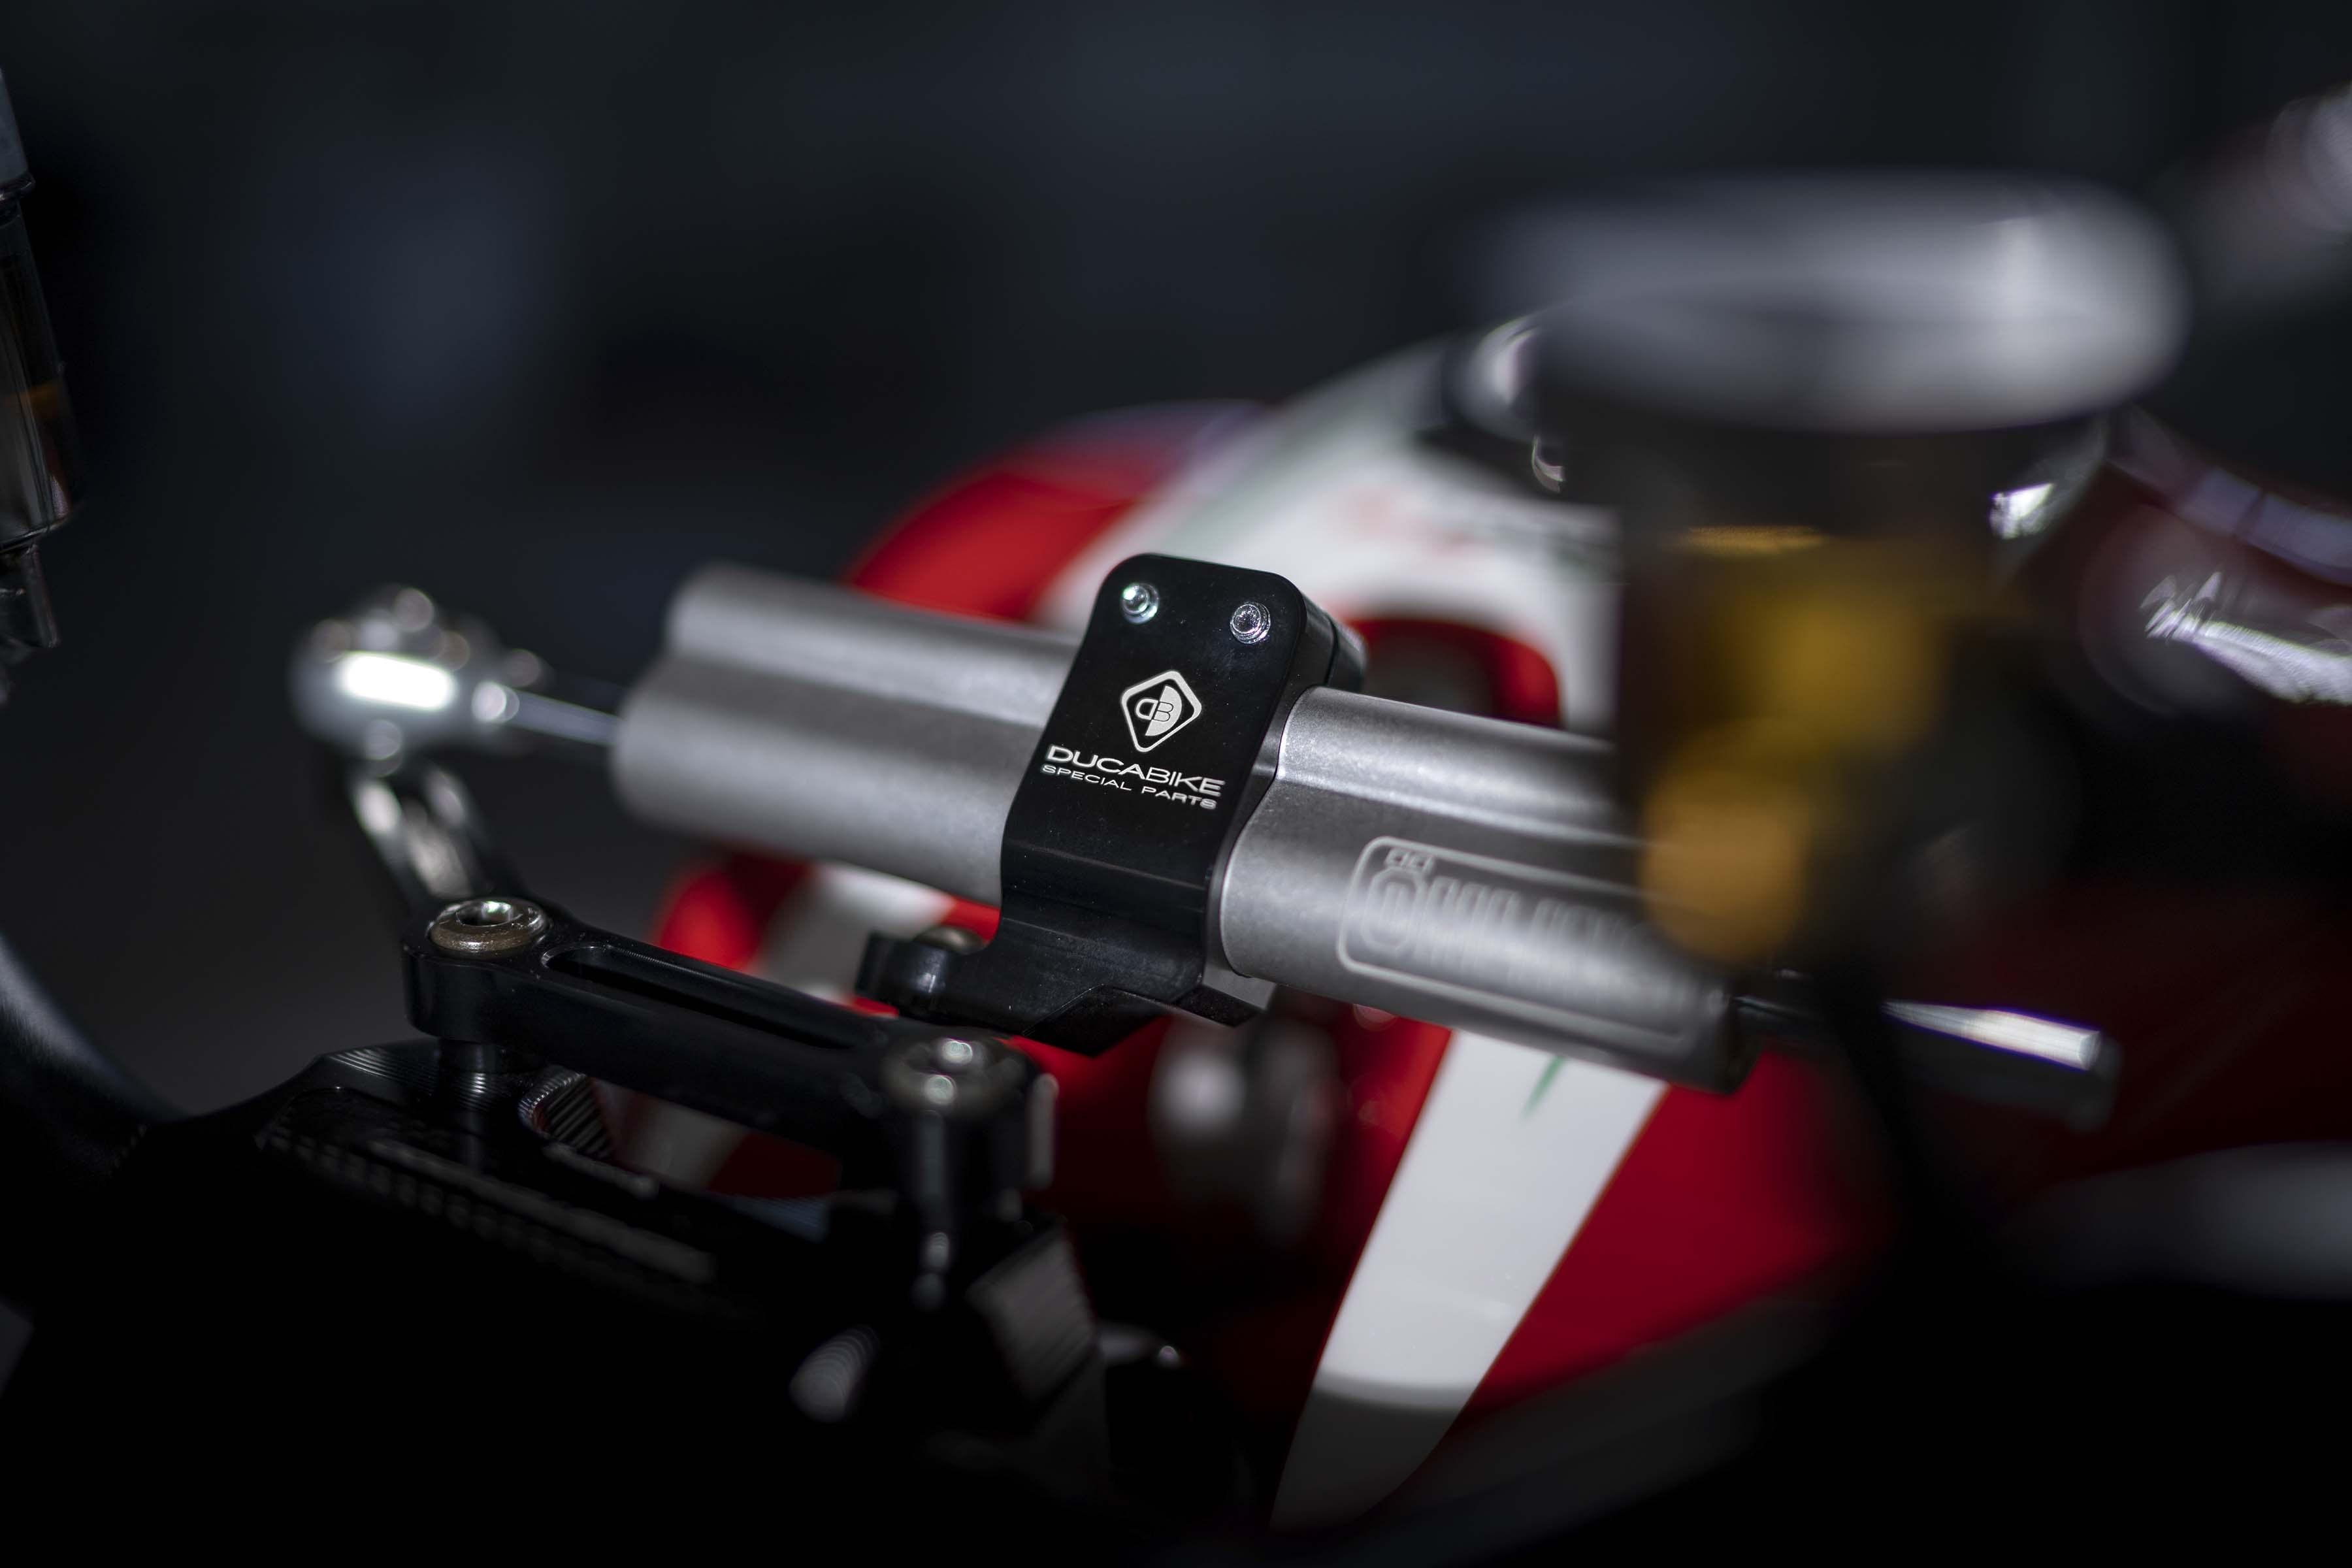 Ducati-Monster-1200-Tricolore-Motovation-04